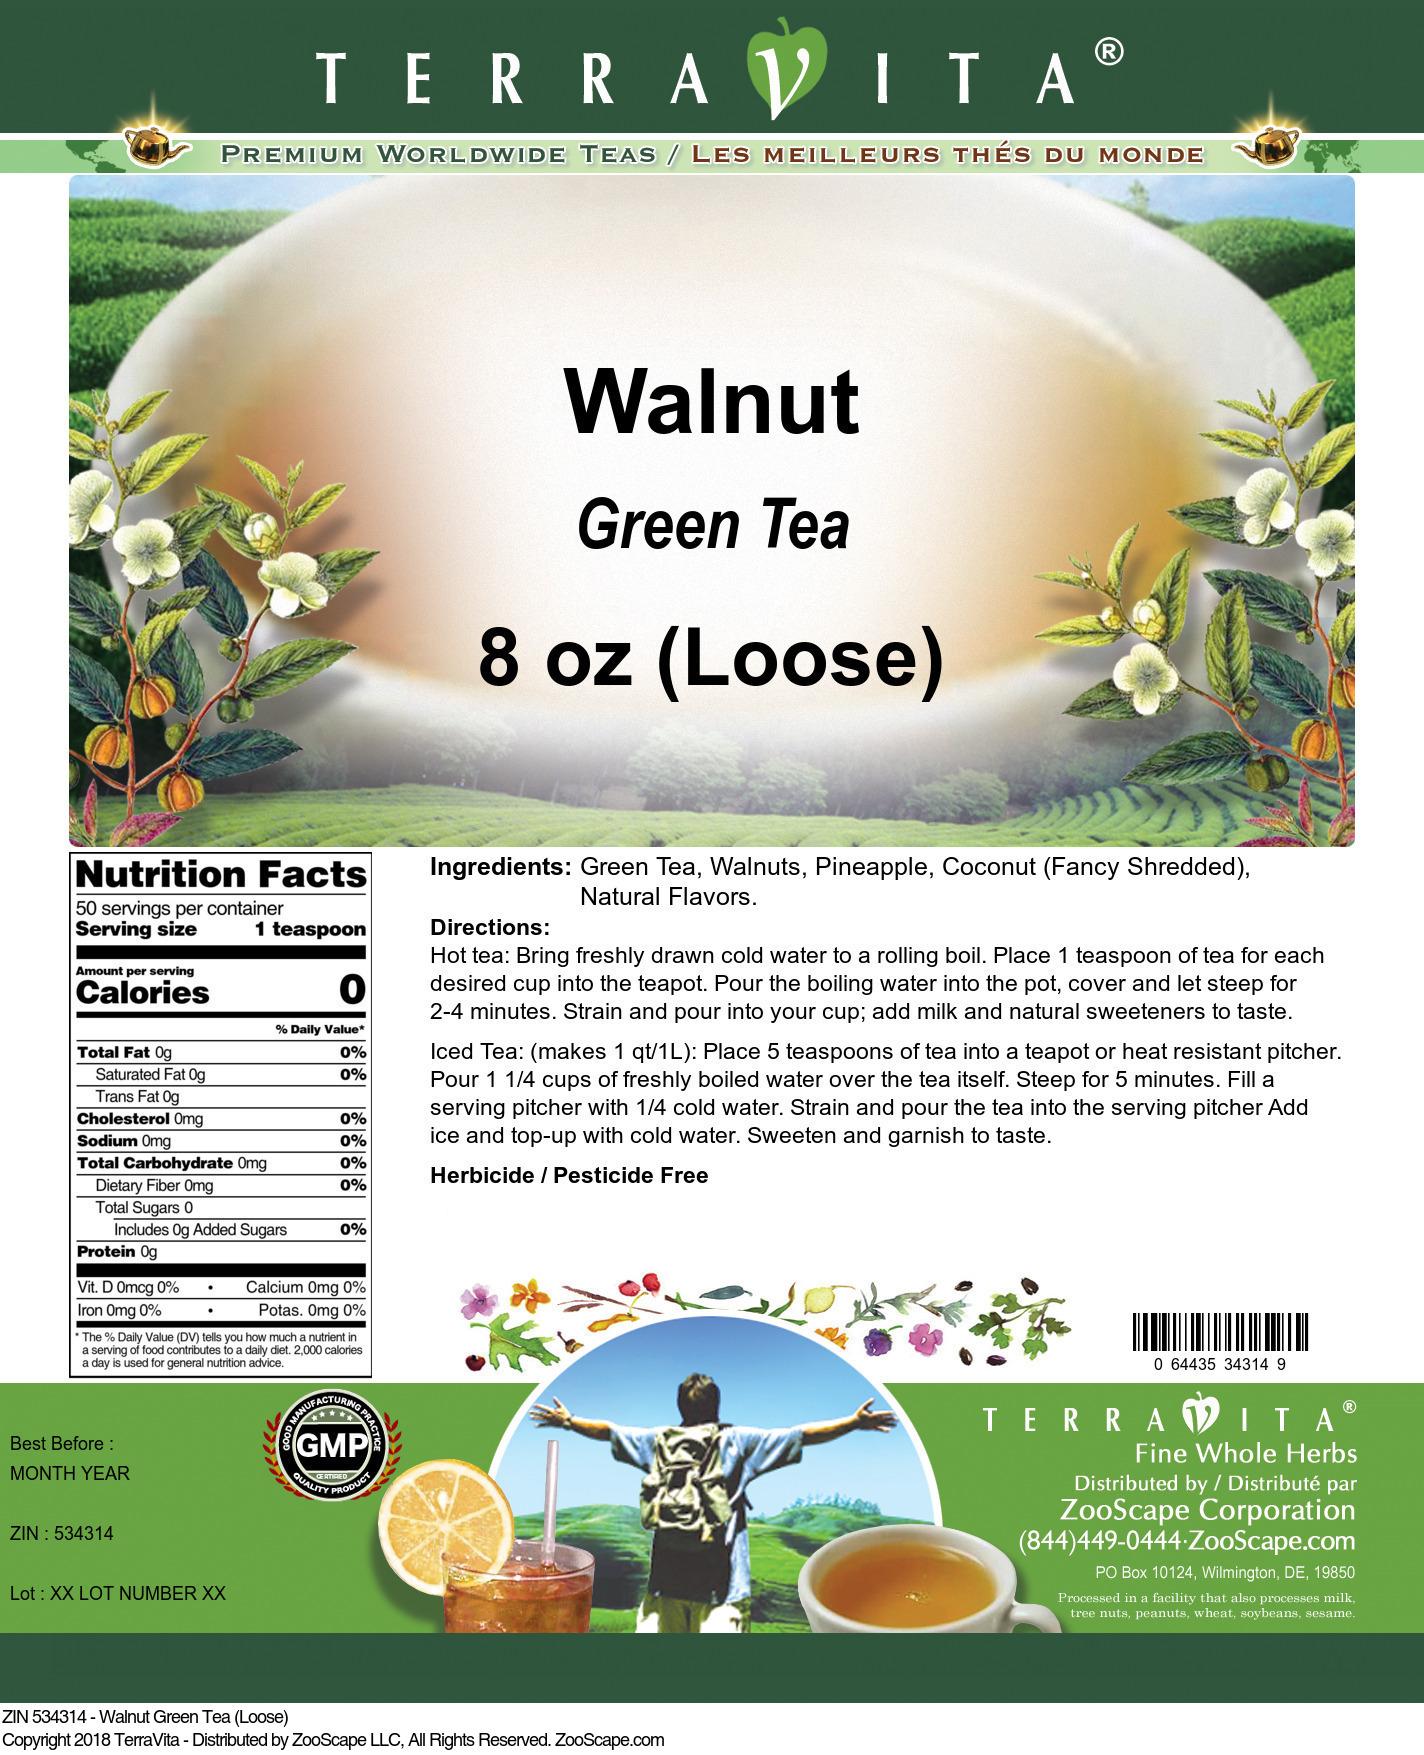 Walnut Green Tea